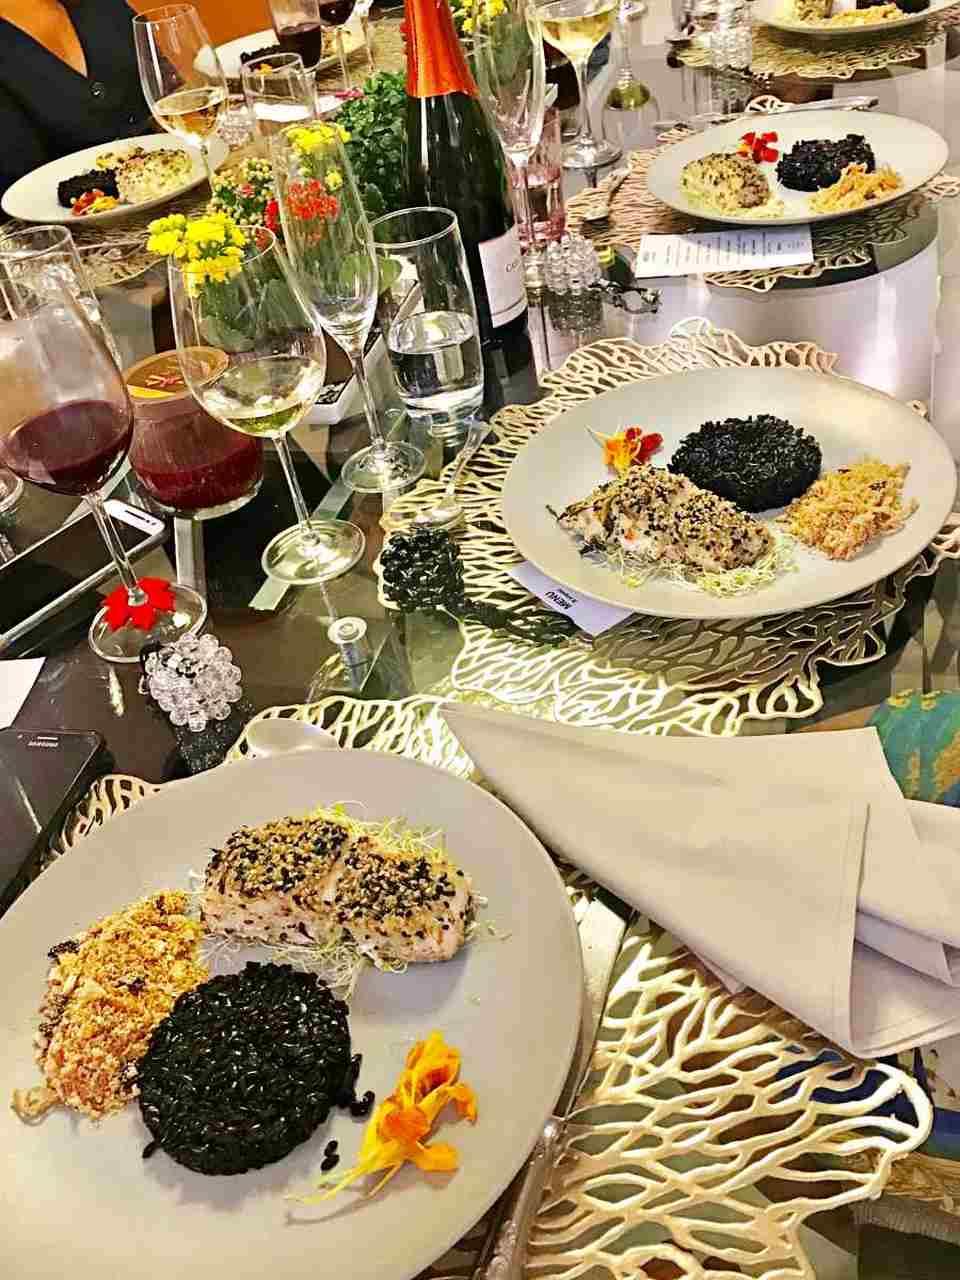 Mesa posta - Robalo com crosta de gergelim, arroz negro e farofa crocante